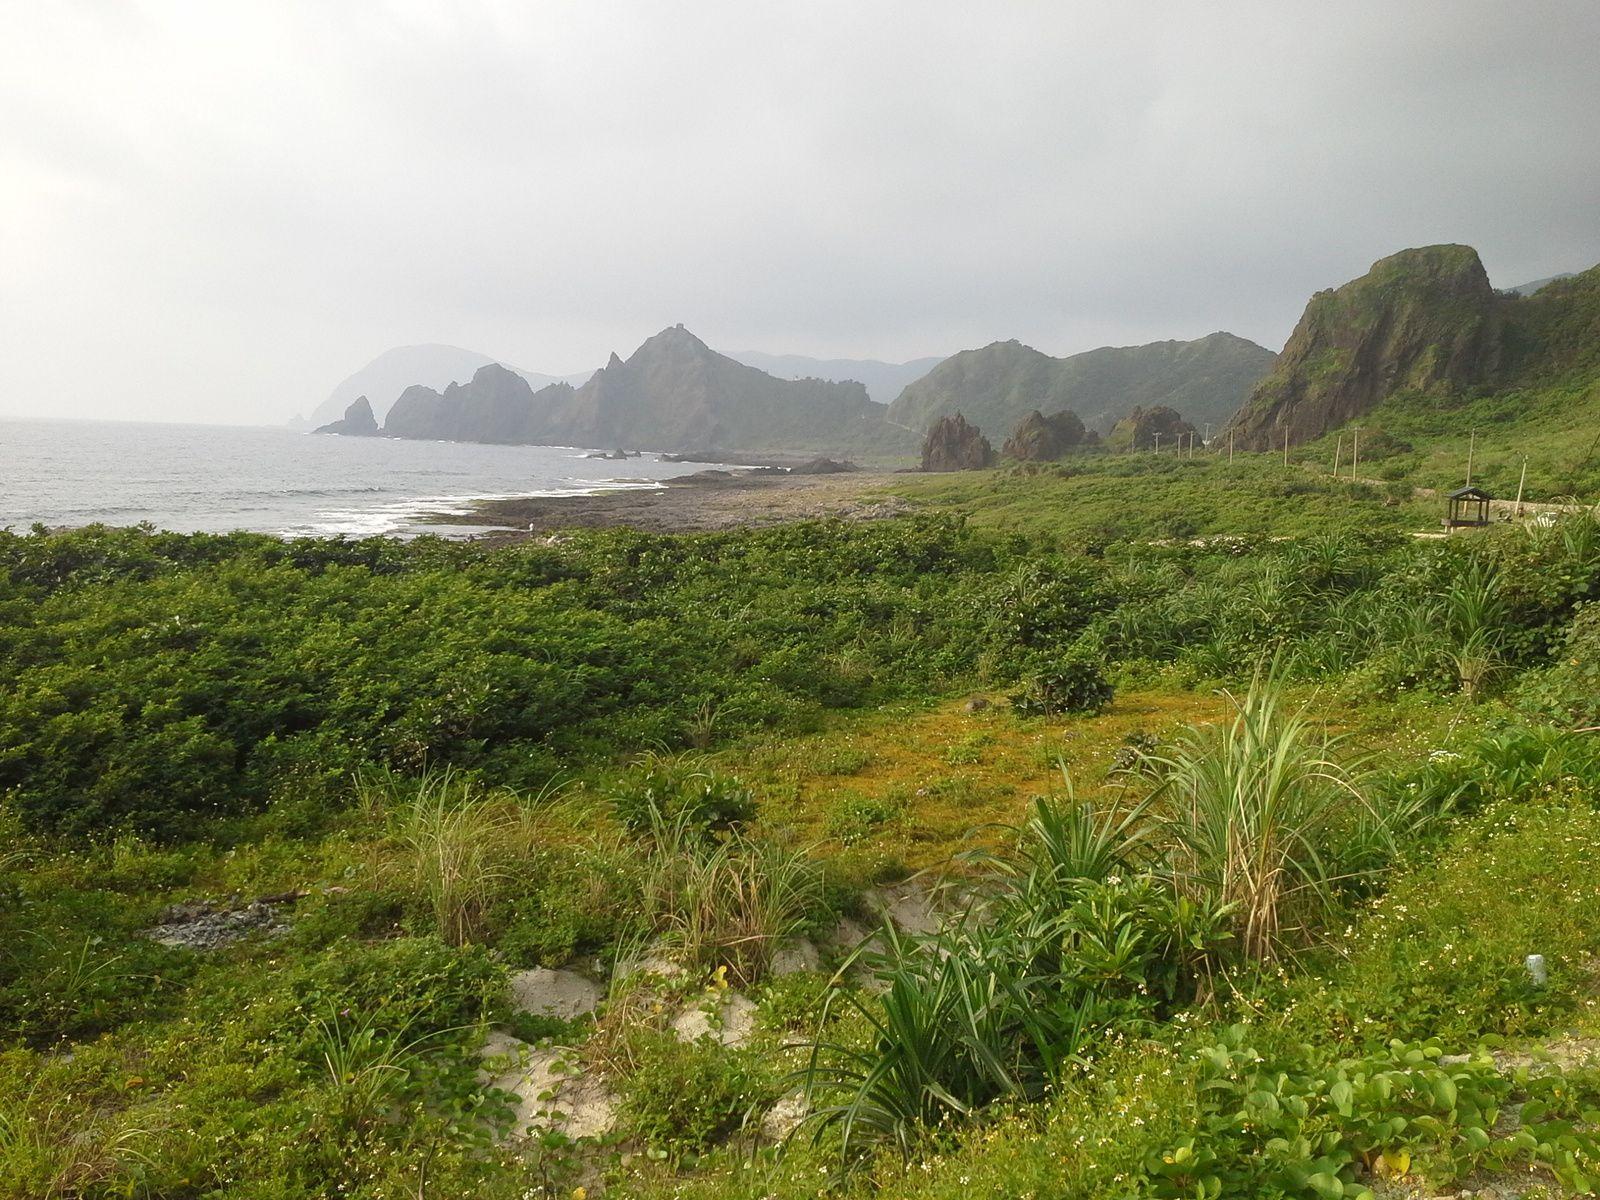 l'ile me fait penser à  Futuna de par sa géographie